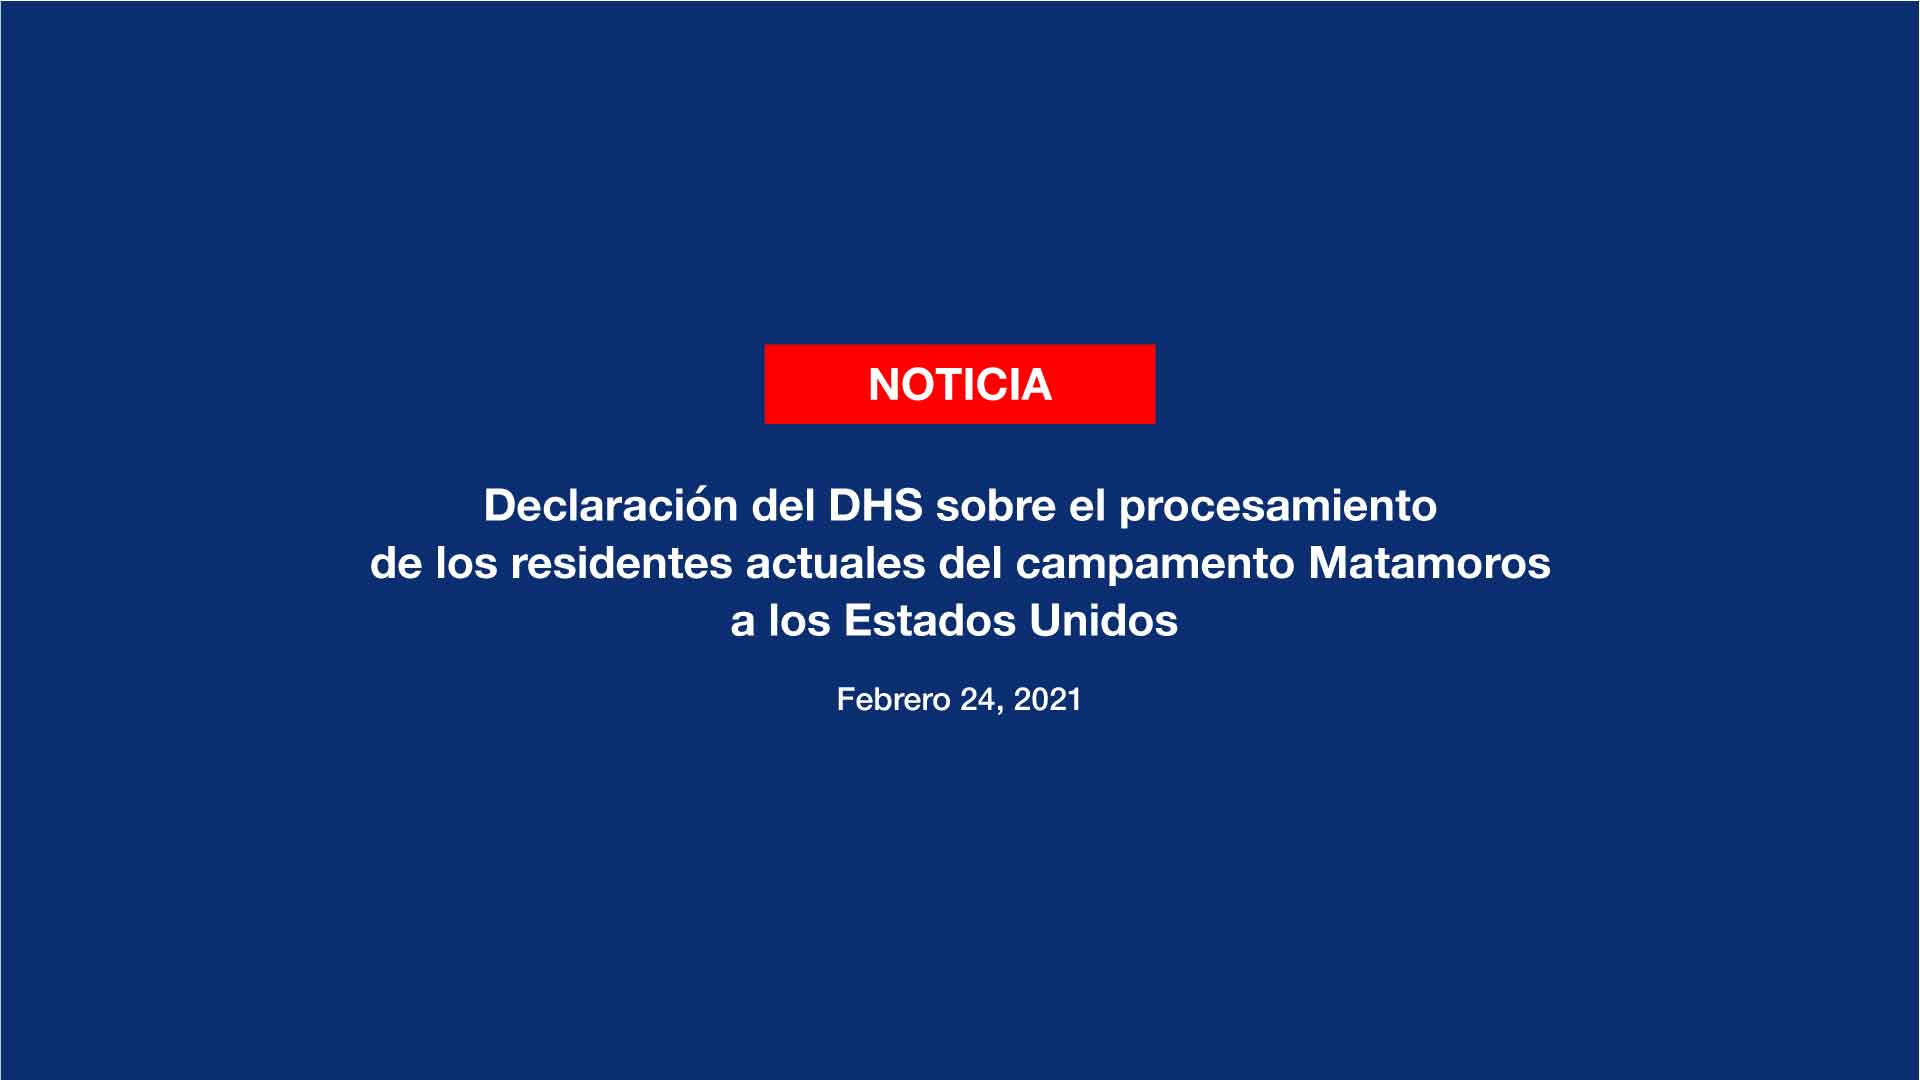 DHS-DECLARA-SOBRE-EL-PROCESAMIENTO-DE-LOS-RESIDENTES-ACTUALES-DEL-CAMPAMENTO-DE-MATAMOROS-A-LOS-ESTADOS-UNIDOS-ABOGADA-DE-INMIGRACION-ALMA-ROSA-NIETO-NEWS-THUMBNAIL